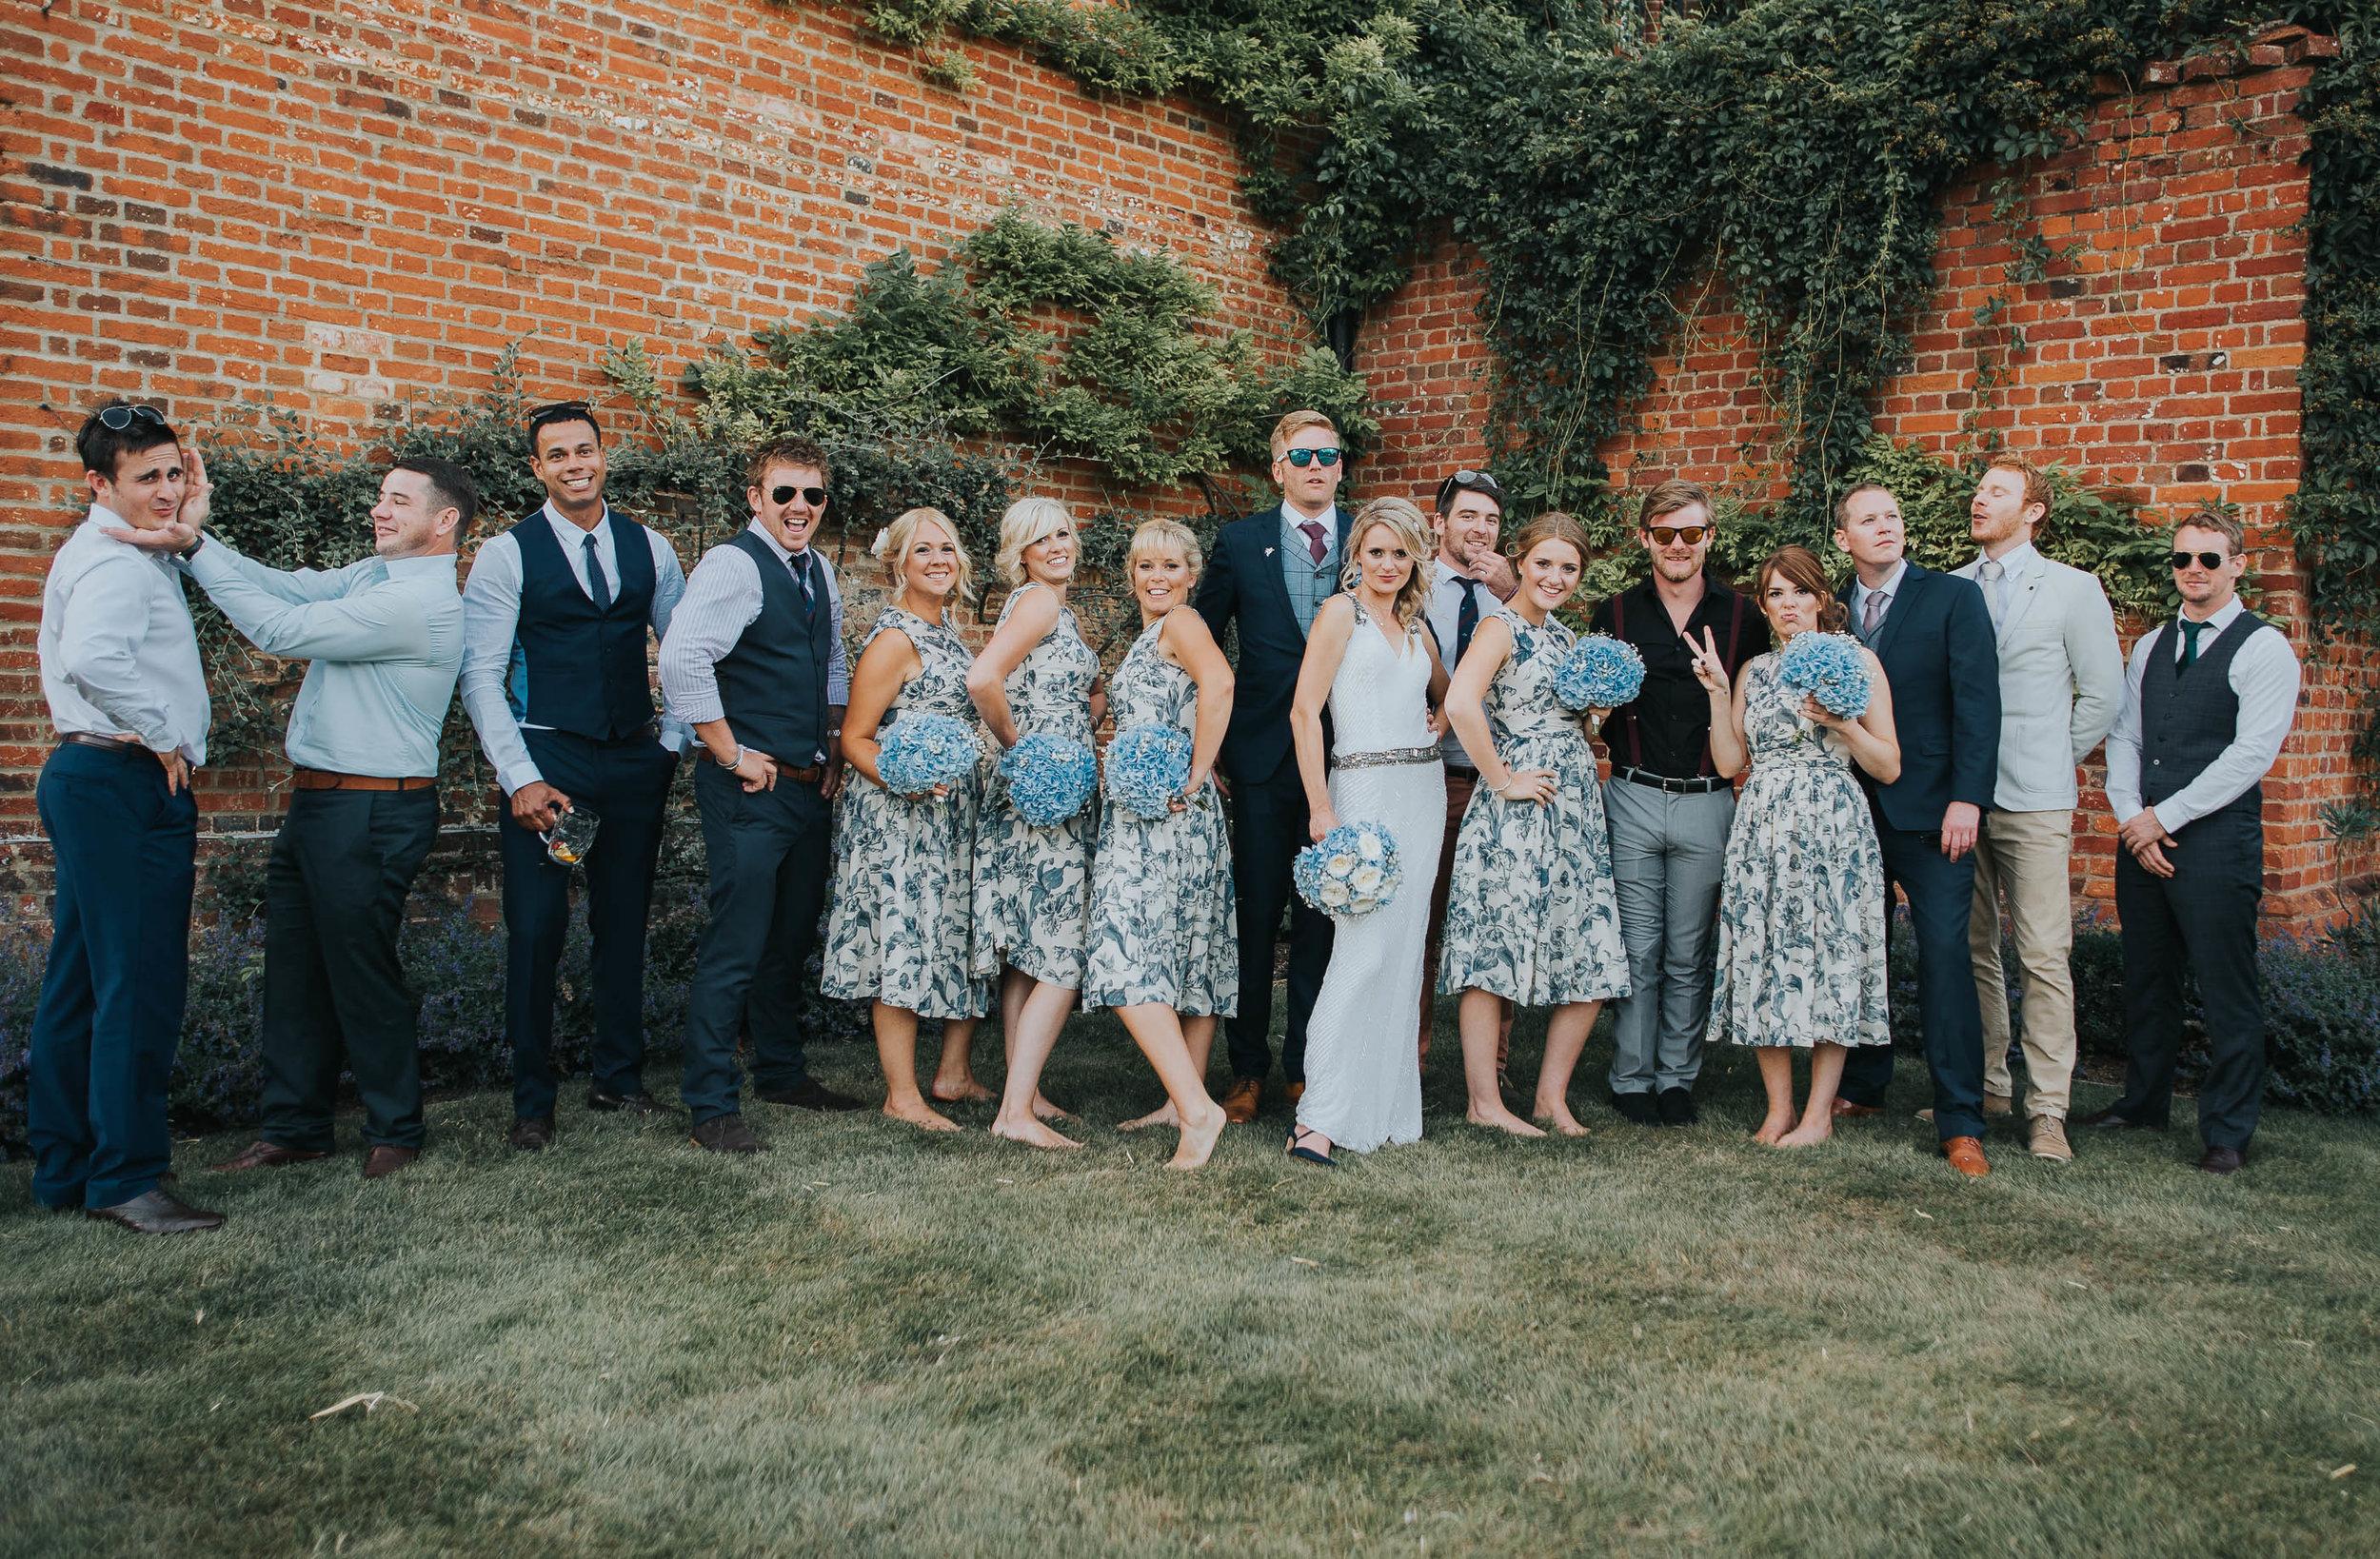 Creative Unique Wedding Photographer Essex Suffolk UK Wedding Photographer www.purplepeartreephotography.com (716).JPG